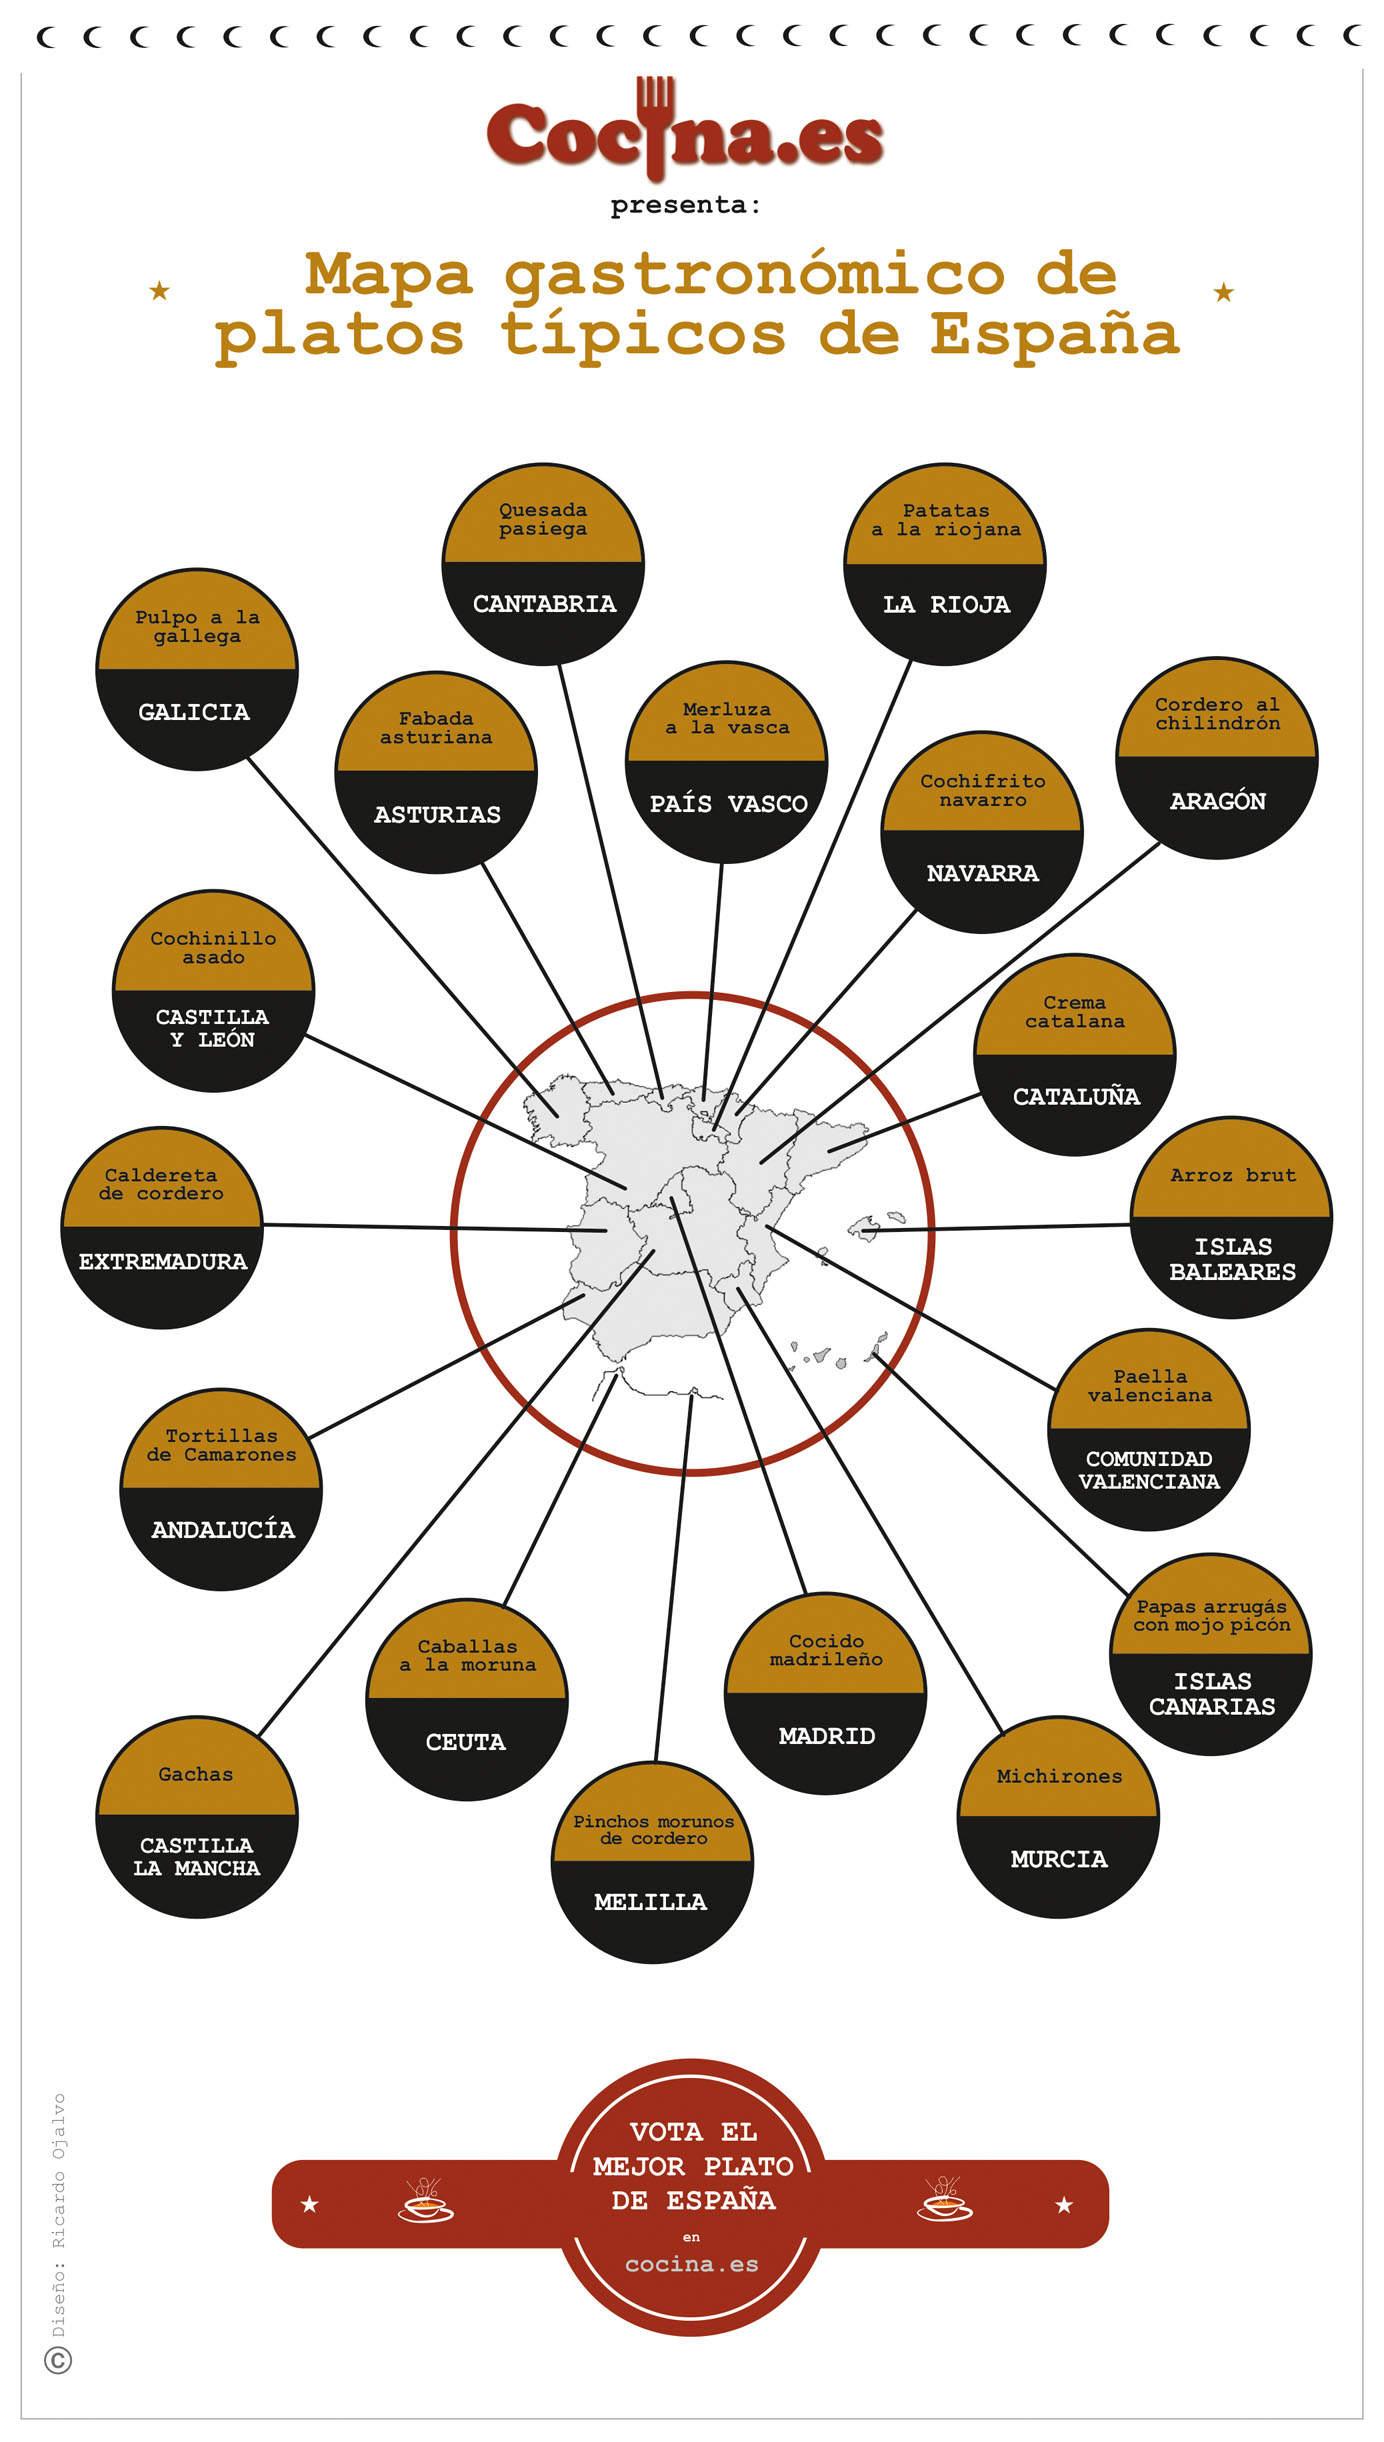 Infografia - Mapa gastronomico de platos tipicos